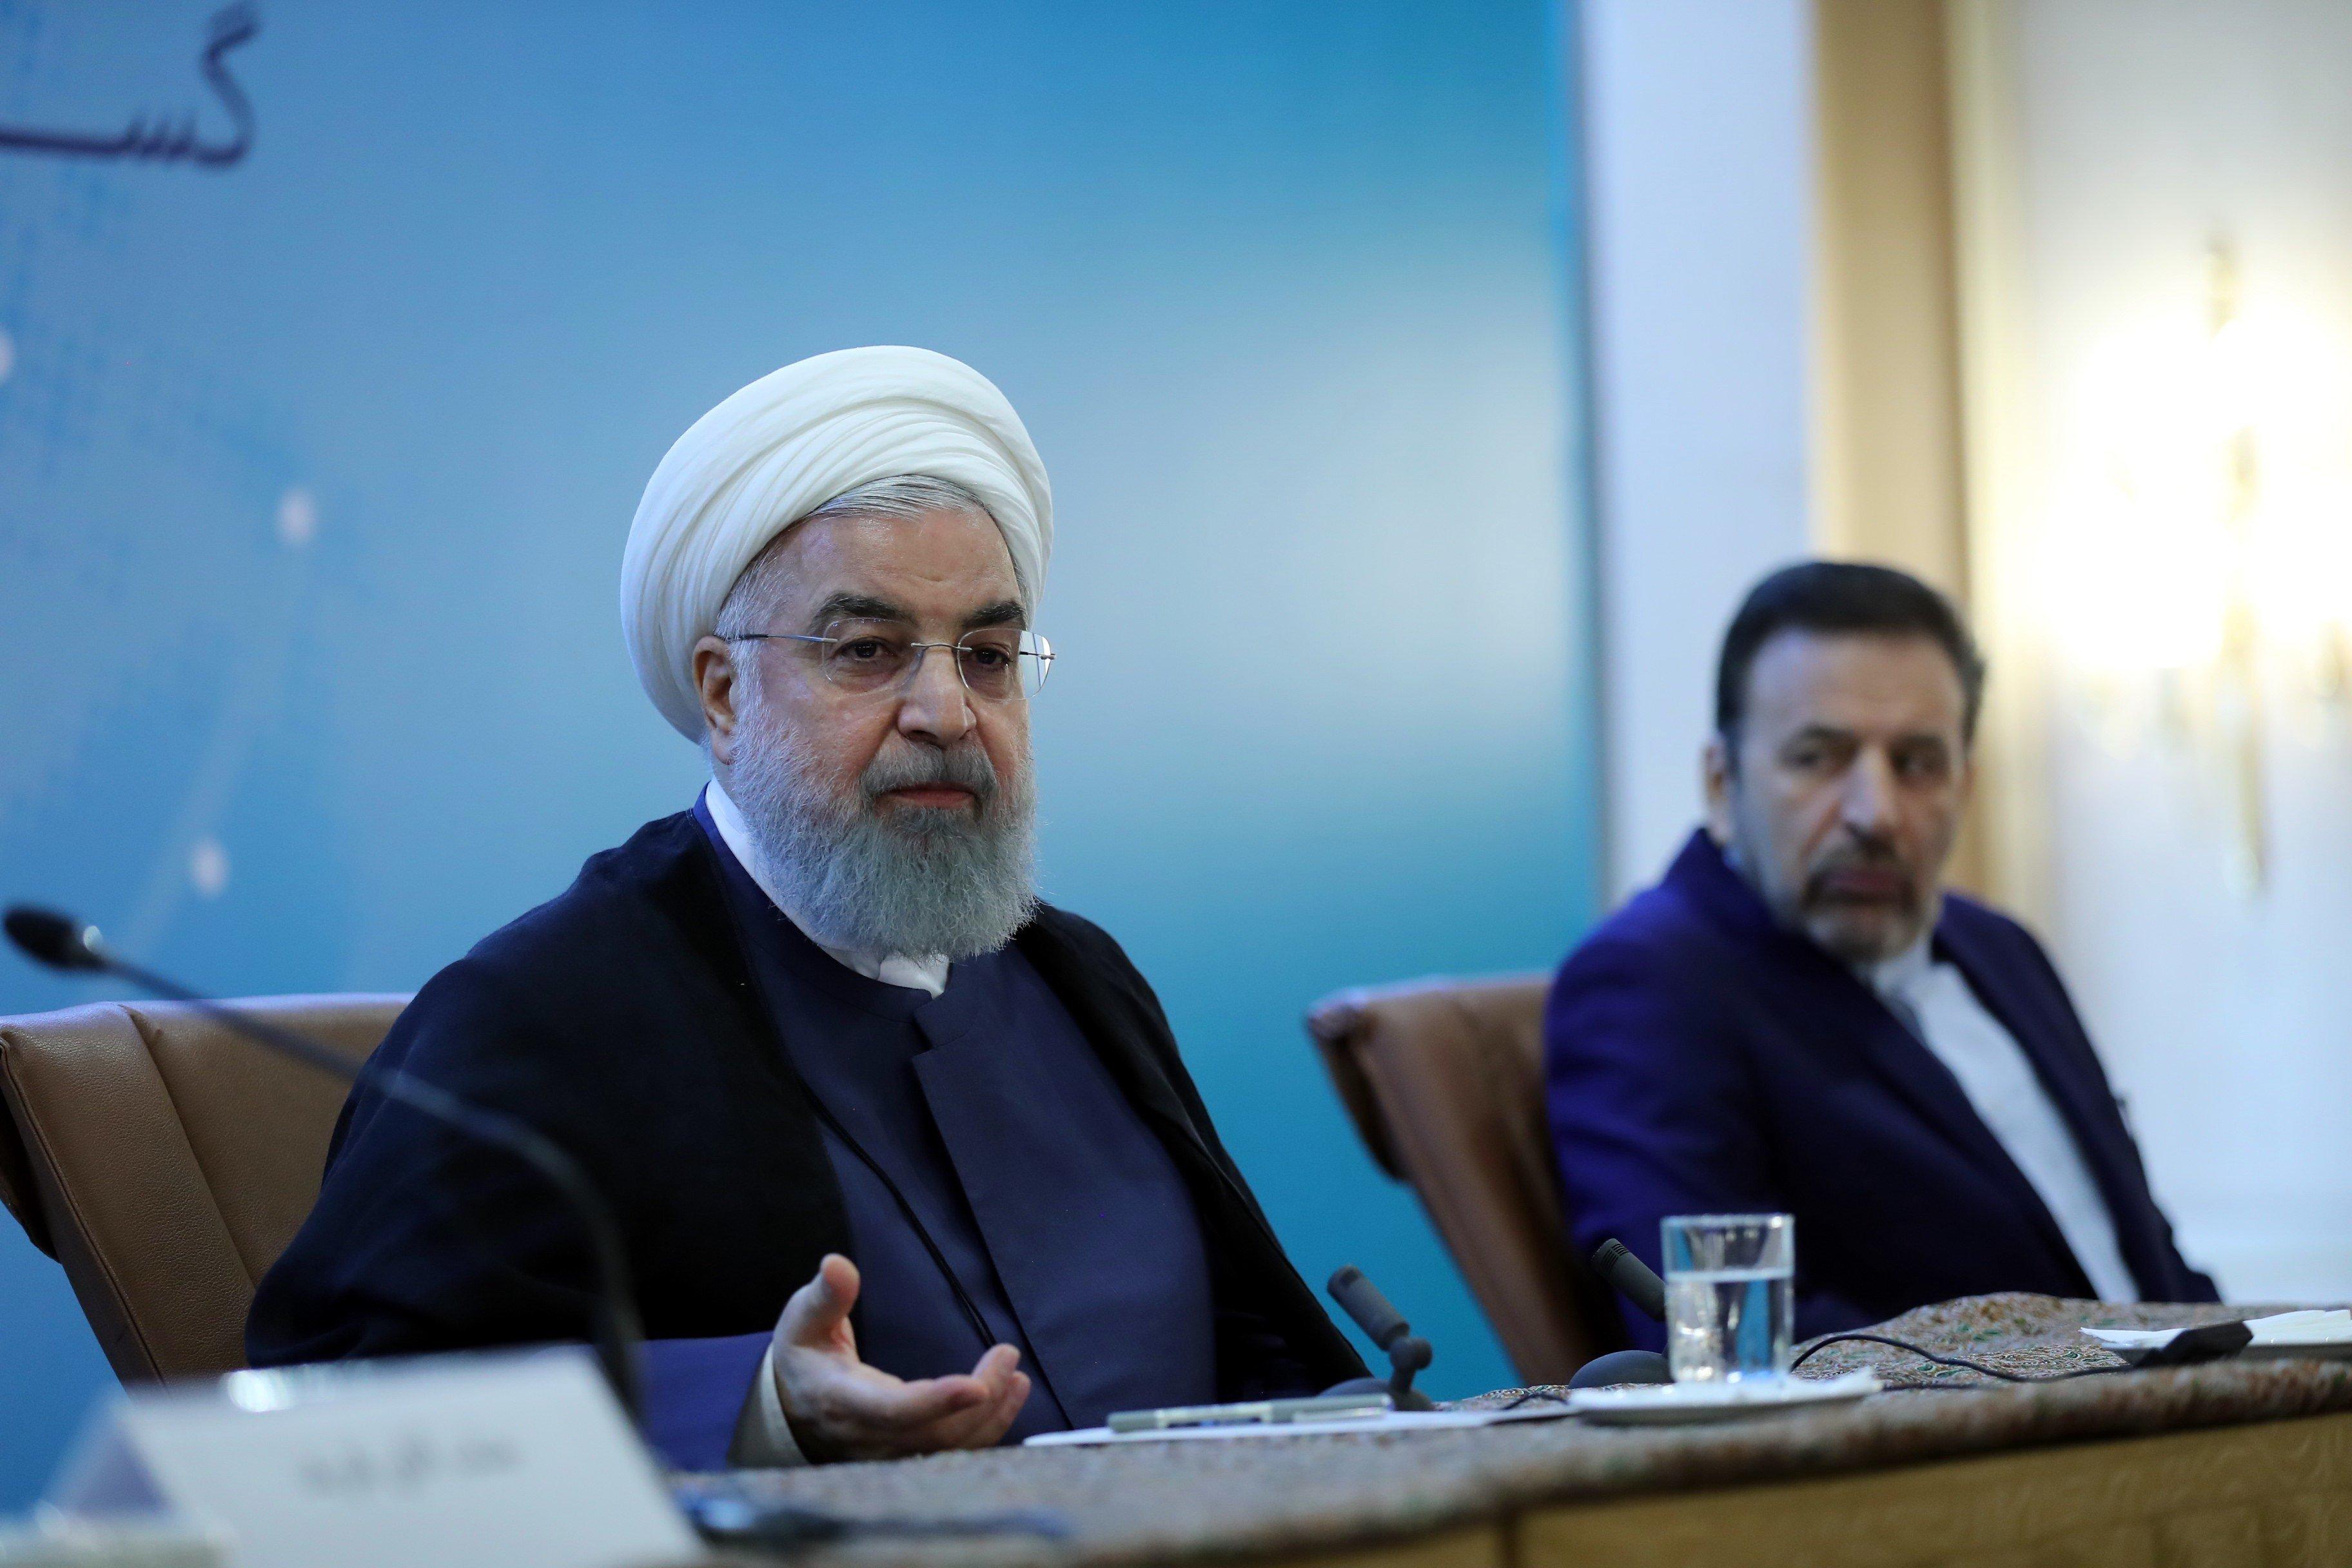 Atomstreit: Iran stellt Bedingungen für Treffen mit